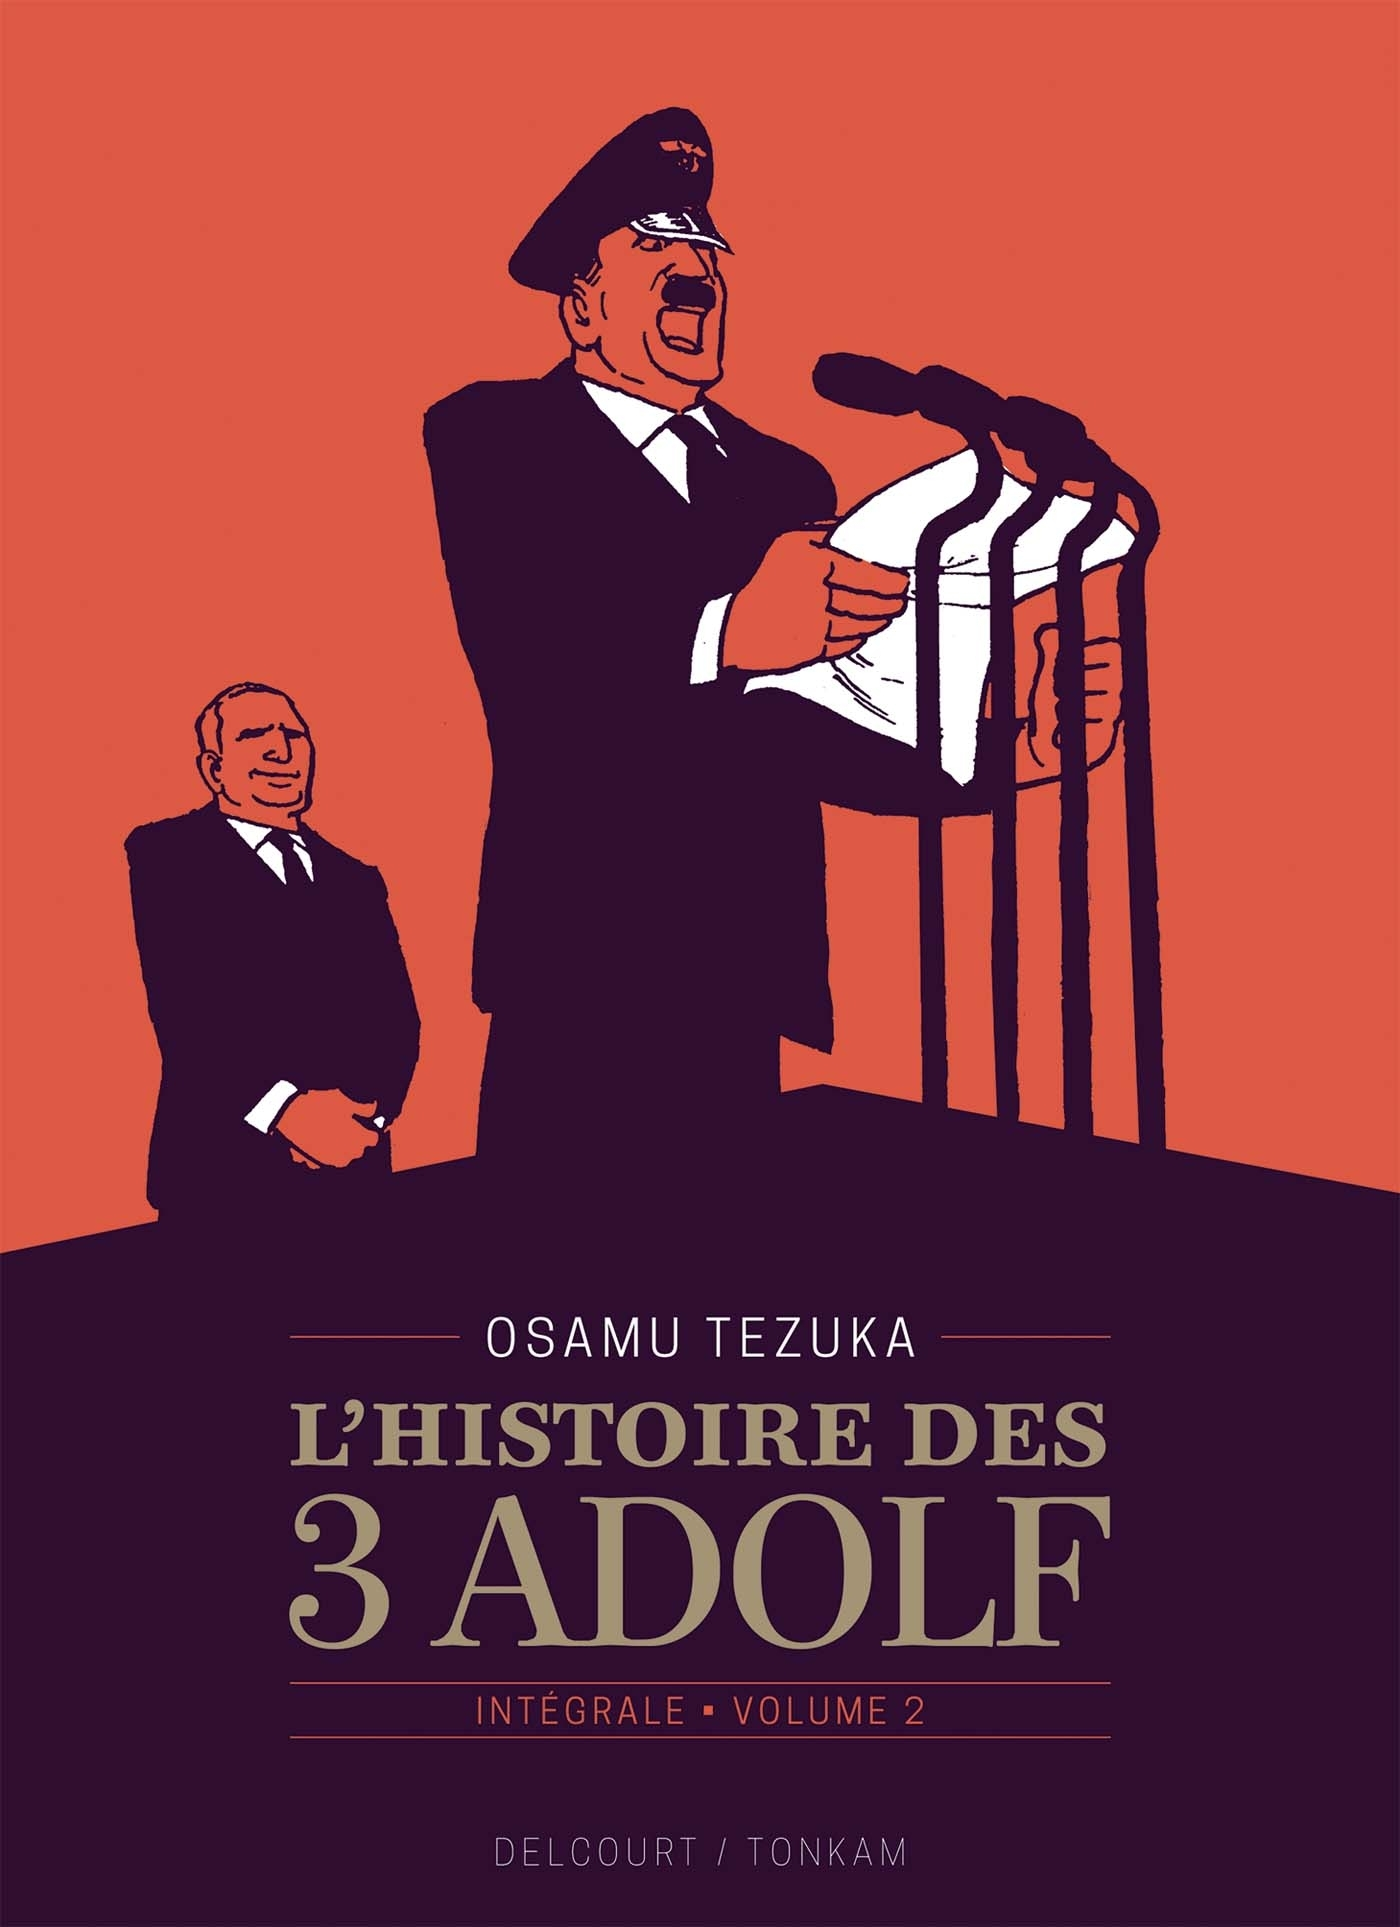 L'HISTOIRE DES 3 ADOLF EDITION 90 ANS 02